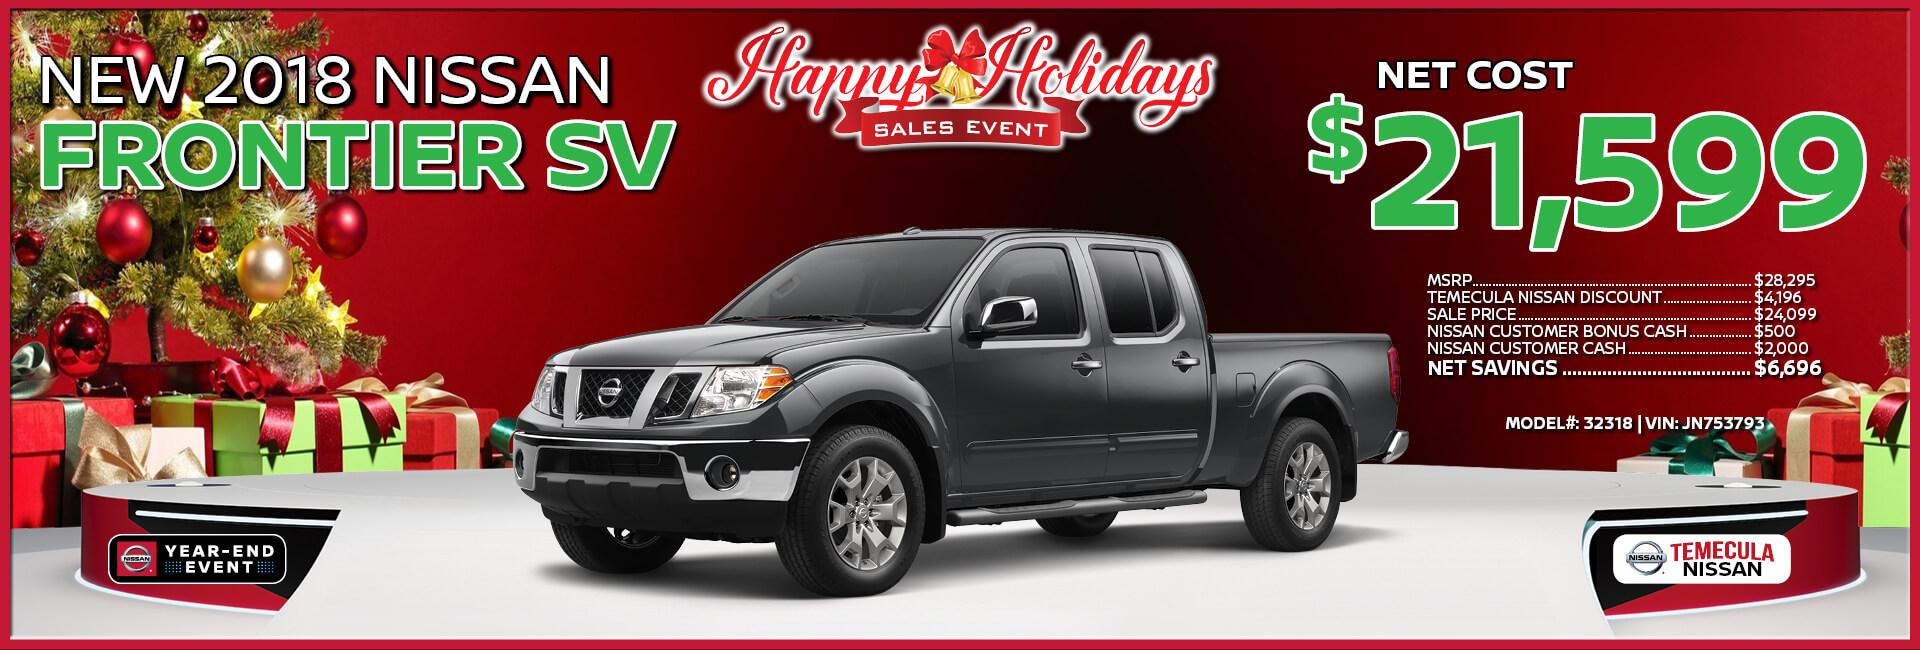 Nissan Frontier $21,599